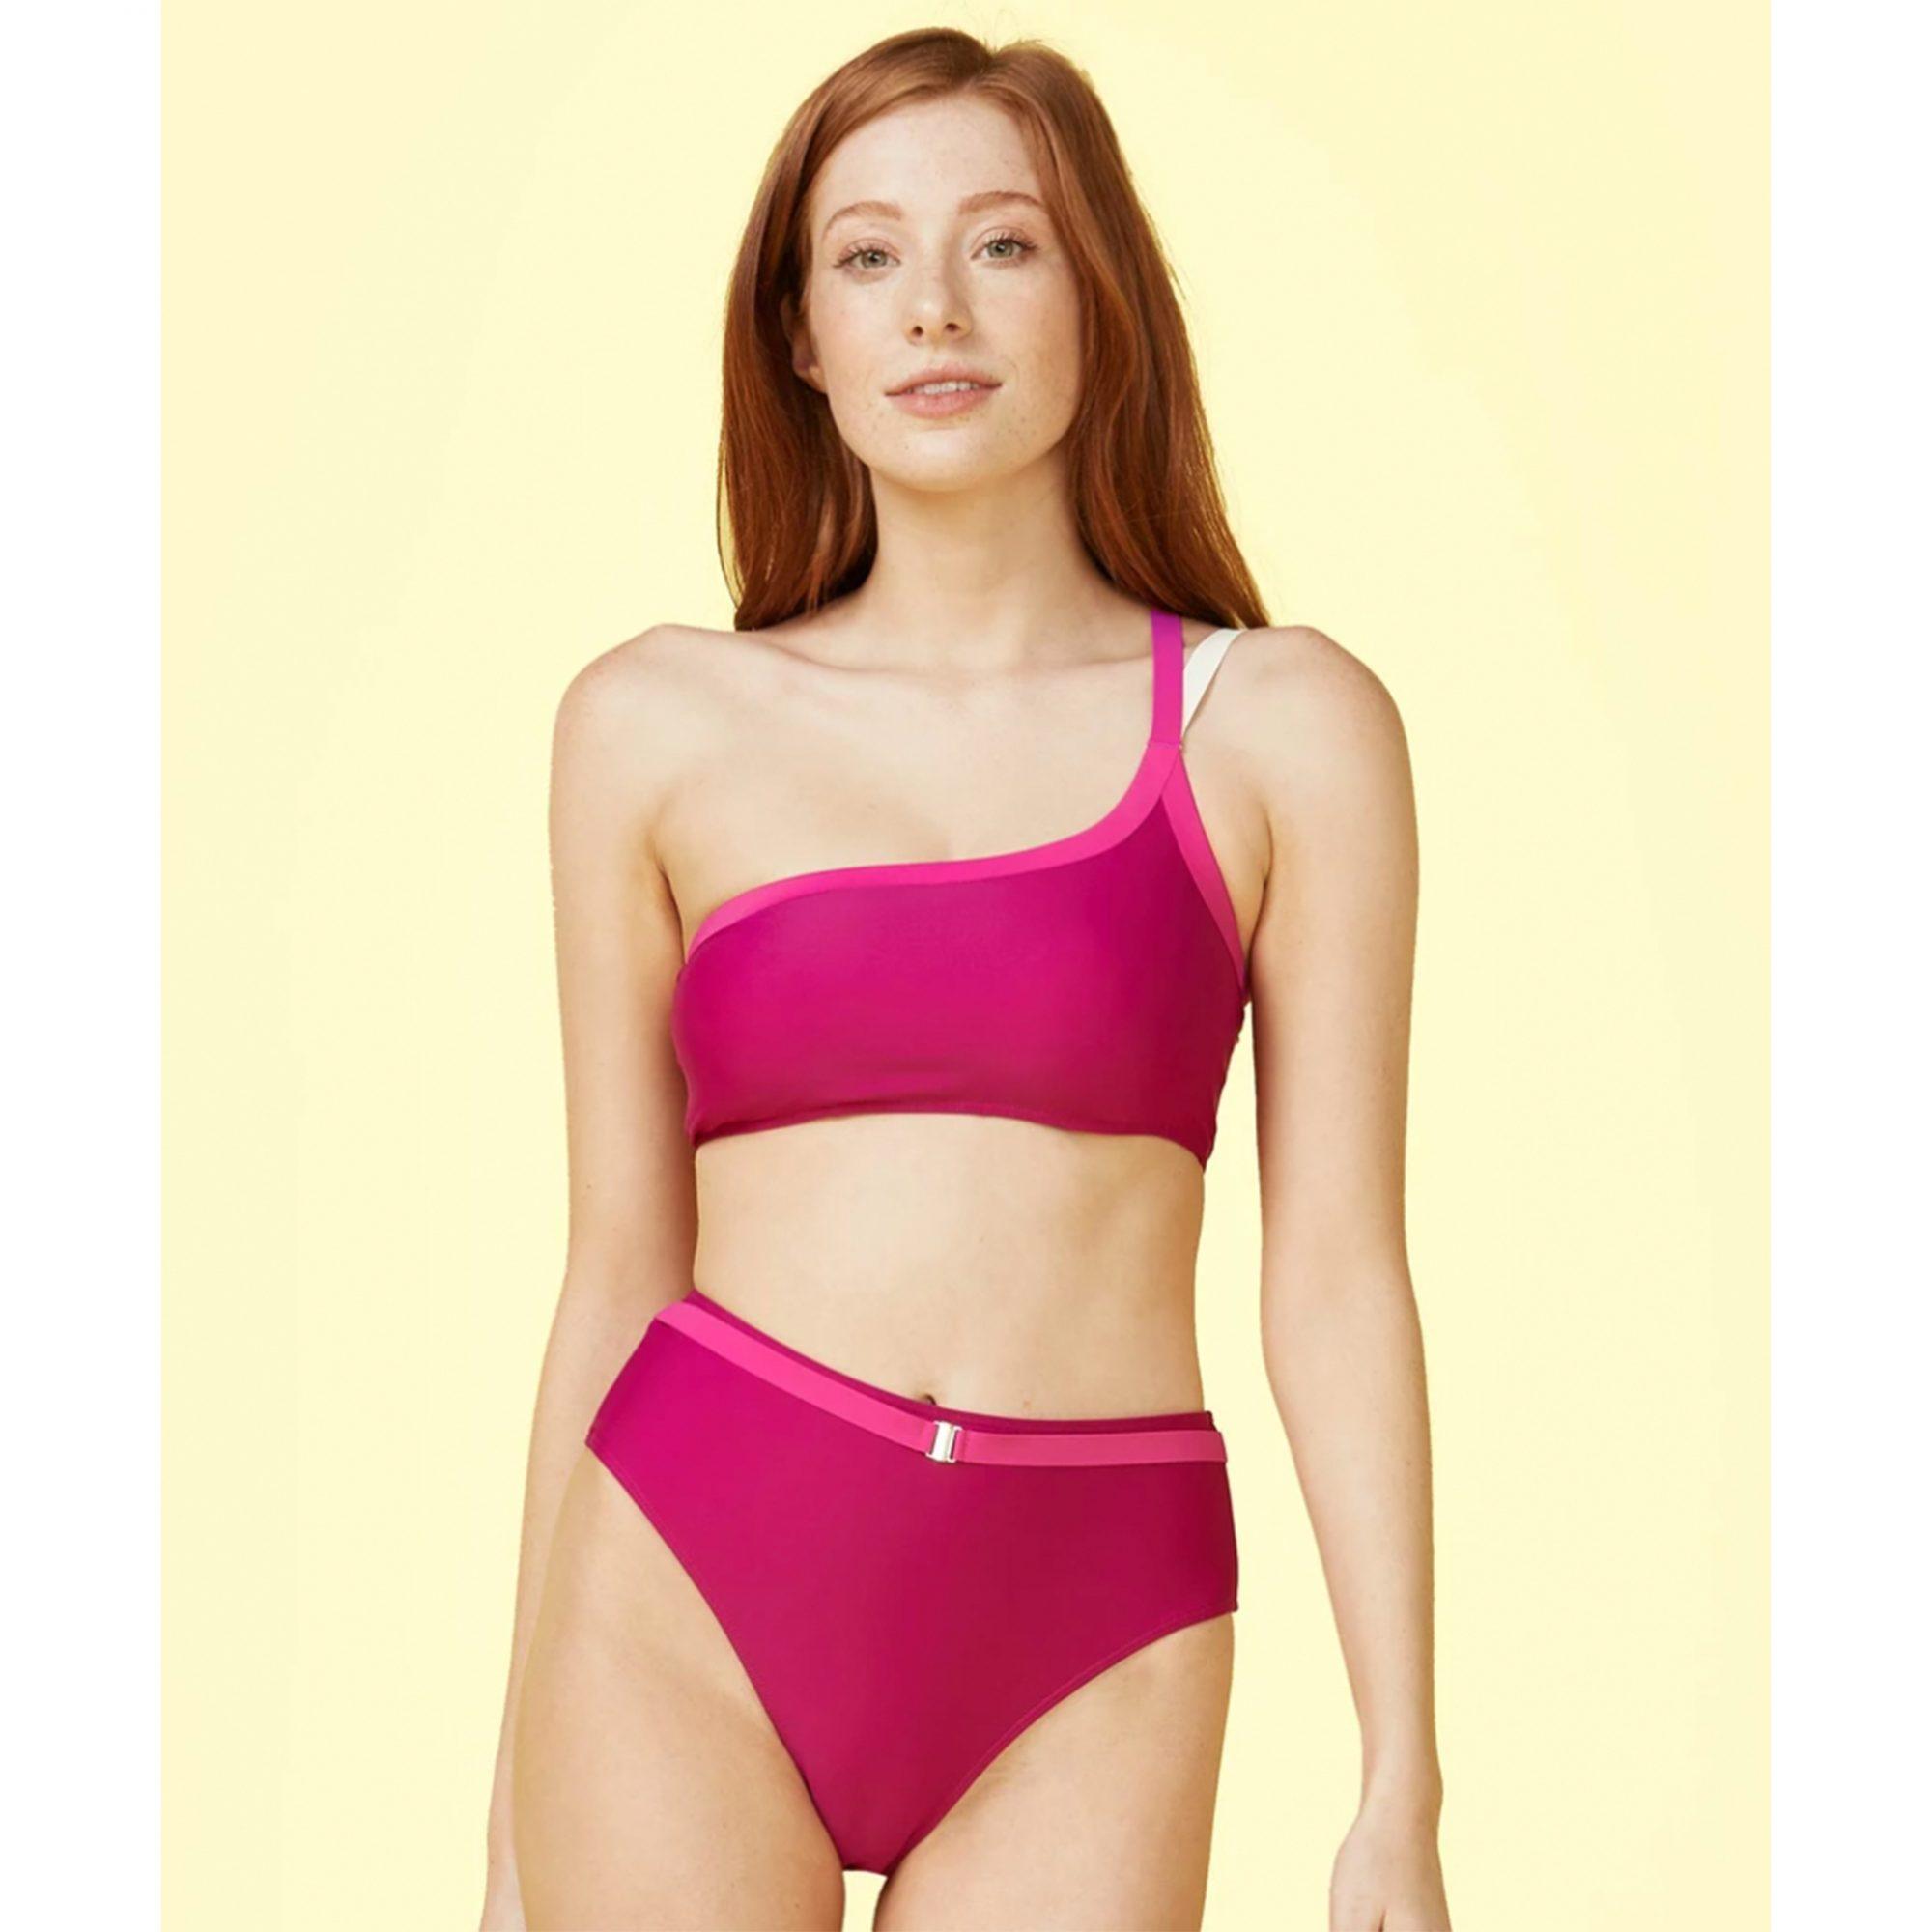 summersalt-high-waisted-bikini-bottom, best-high-waisted-bikini-bottoms